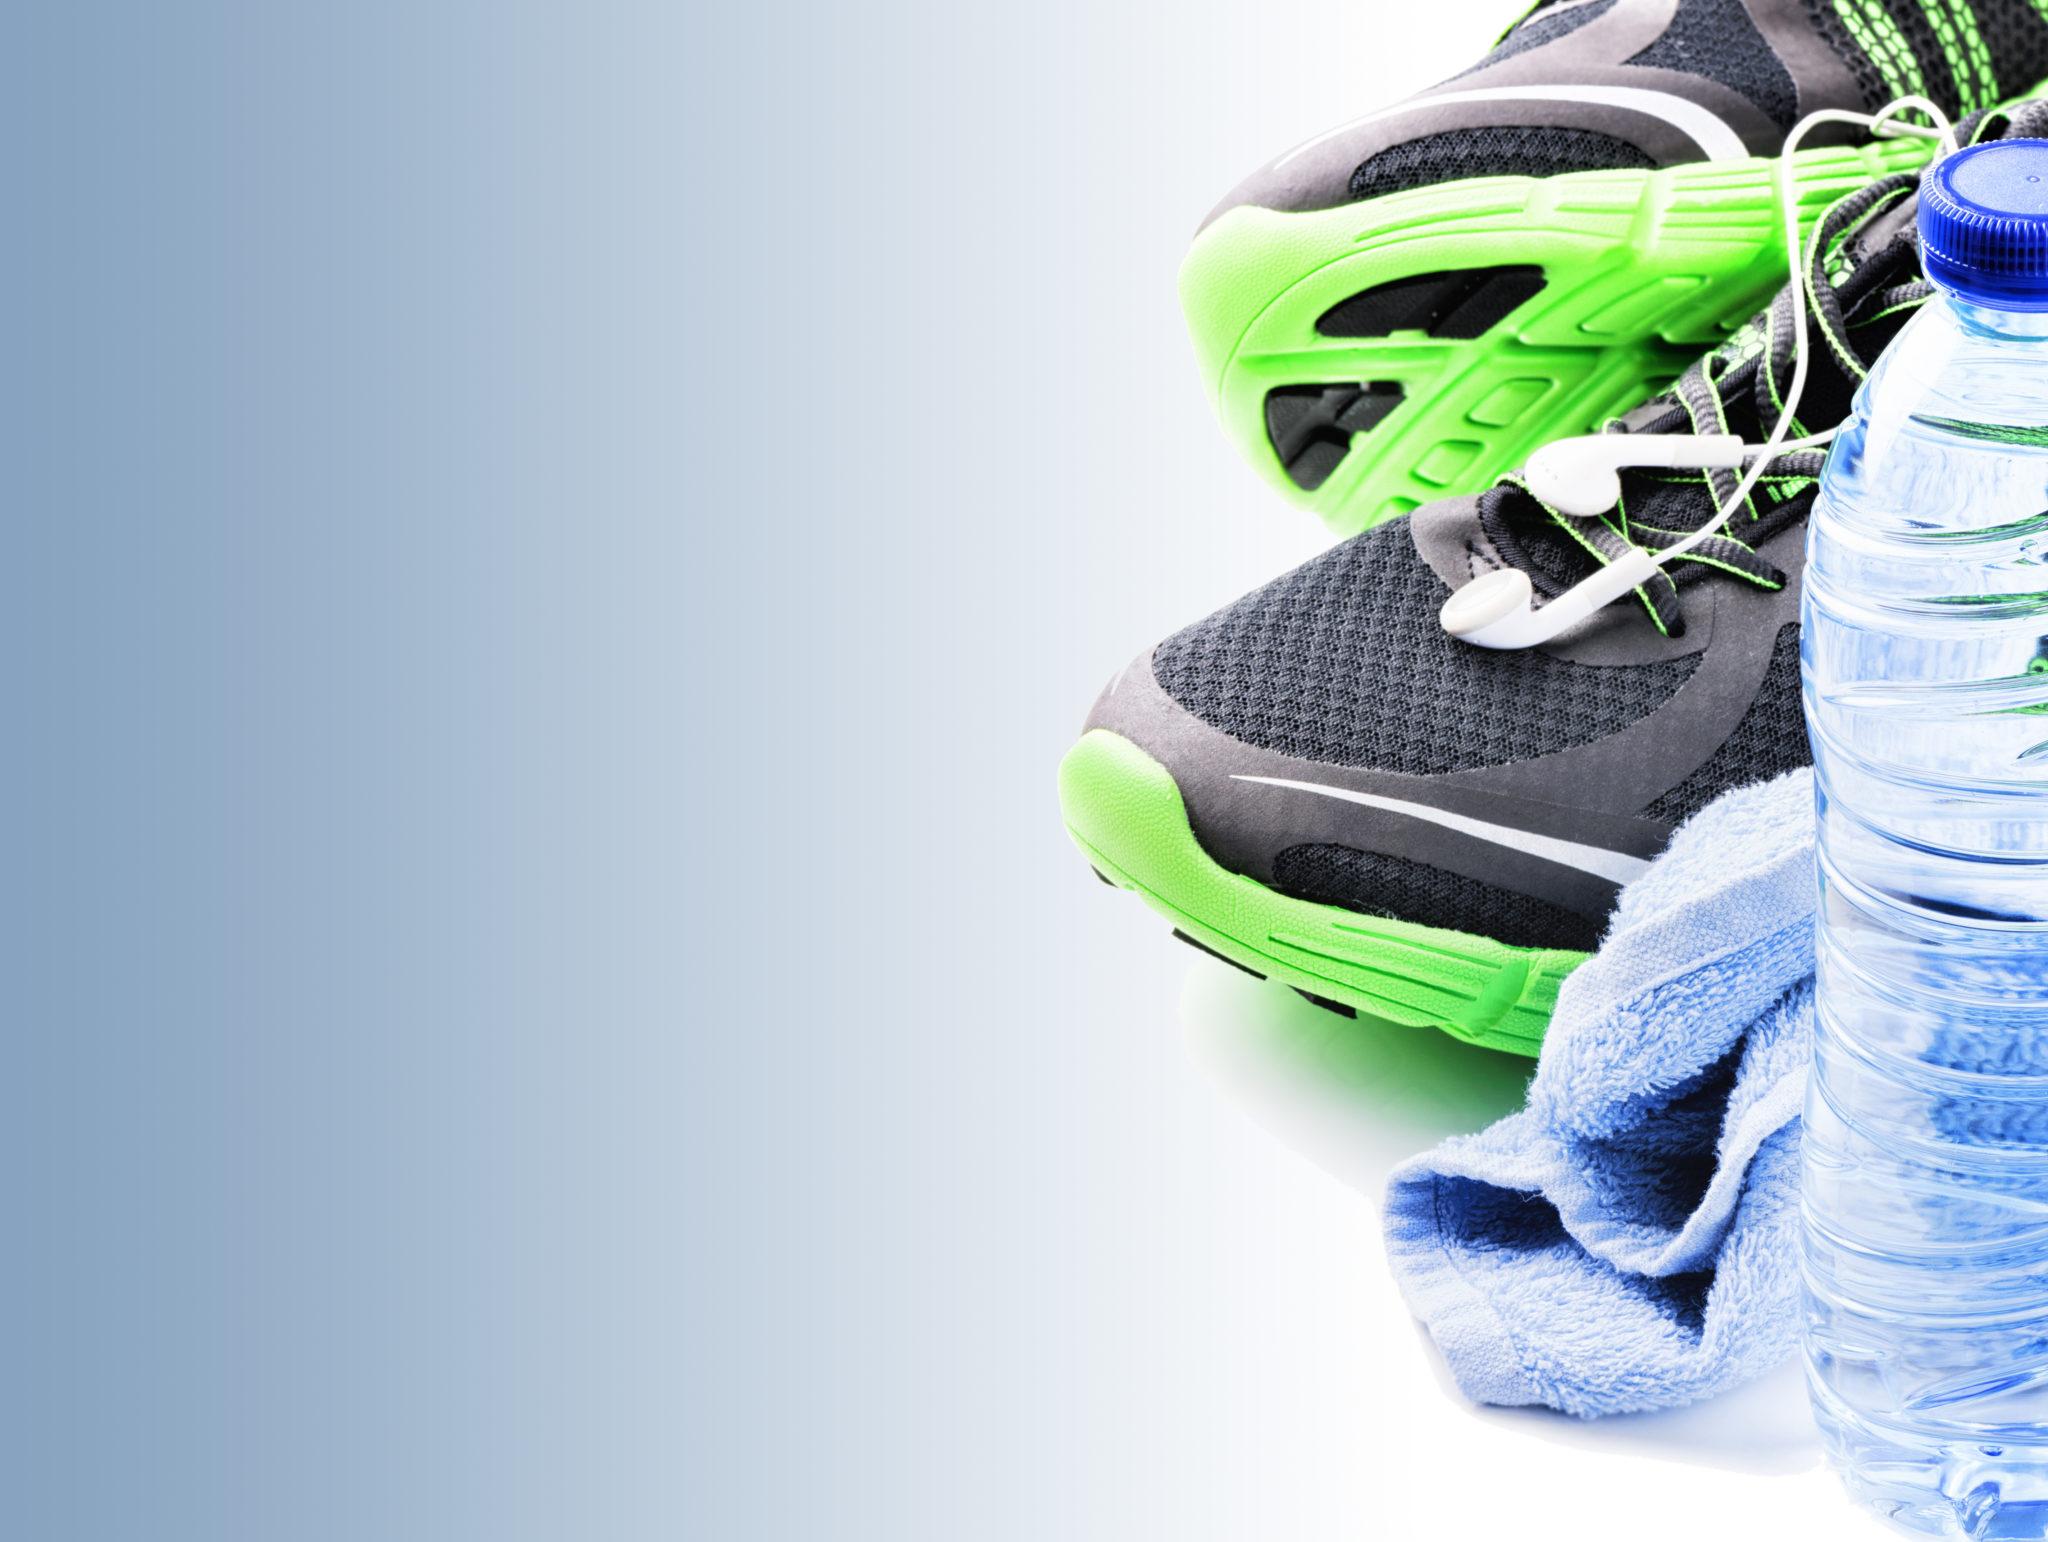 Ausrüstung für das Training, Turnschuhe, Handtuch, Wasserflasche